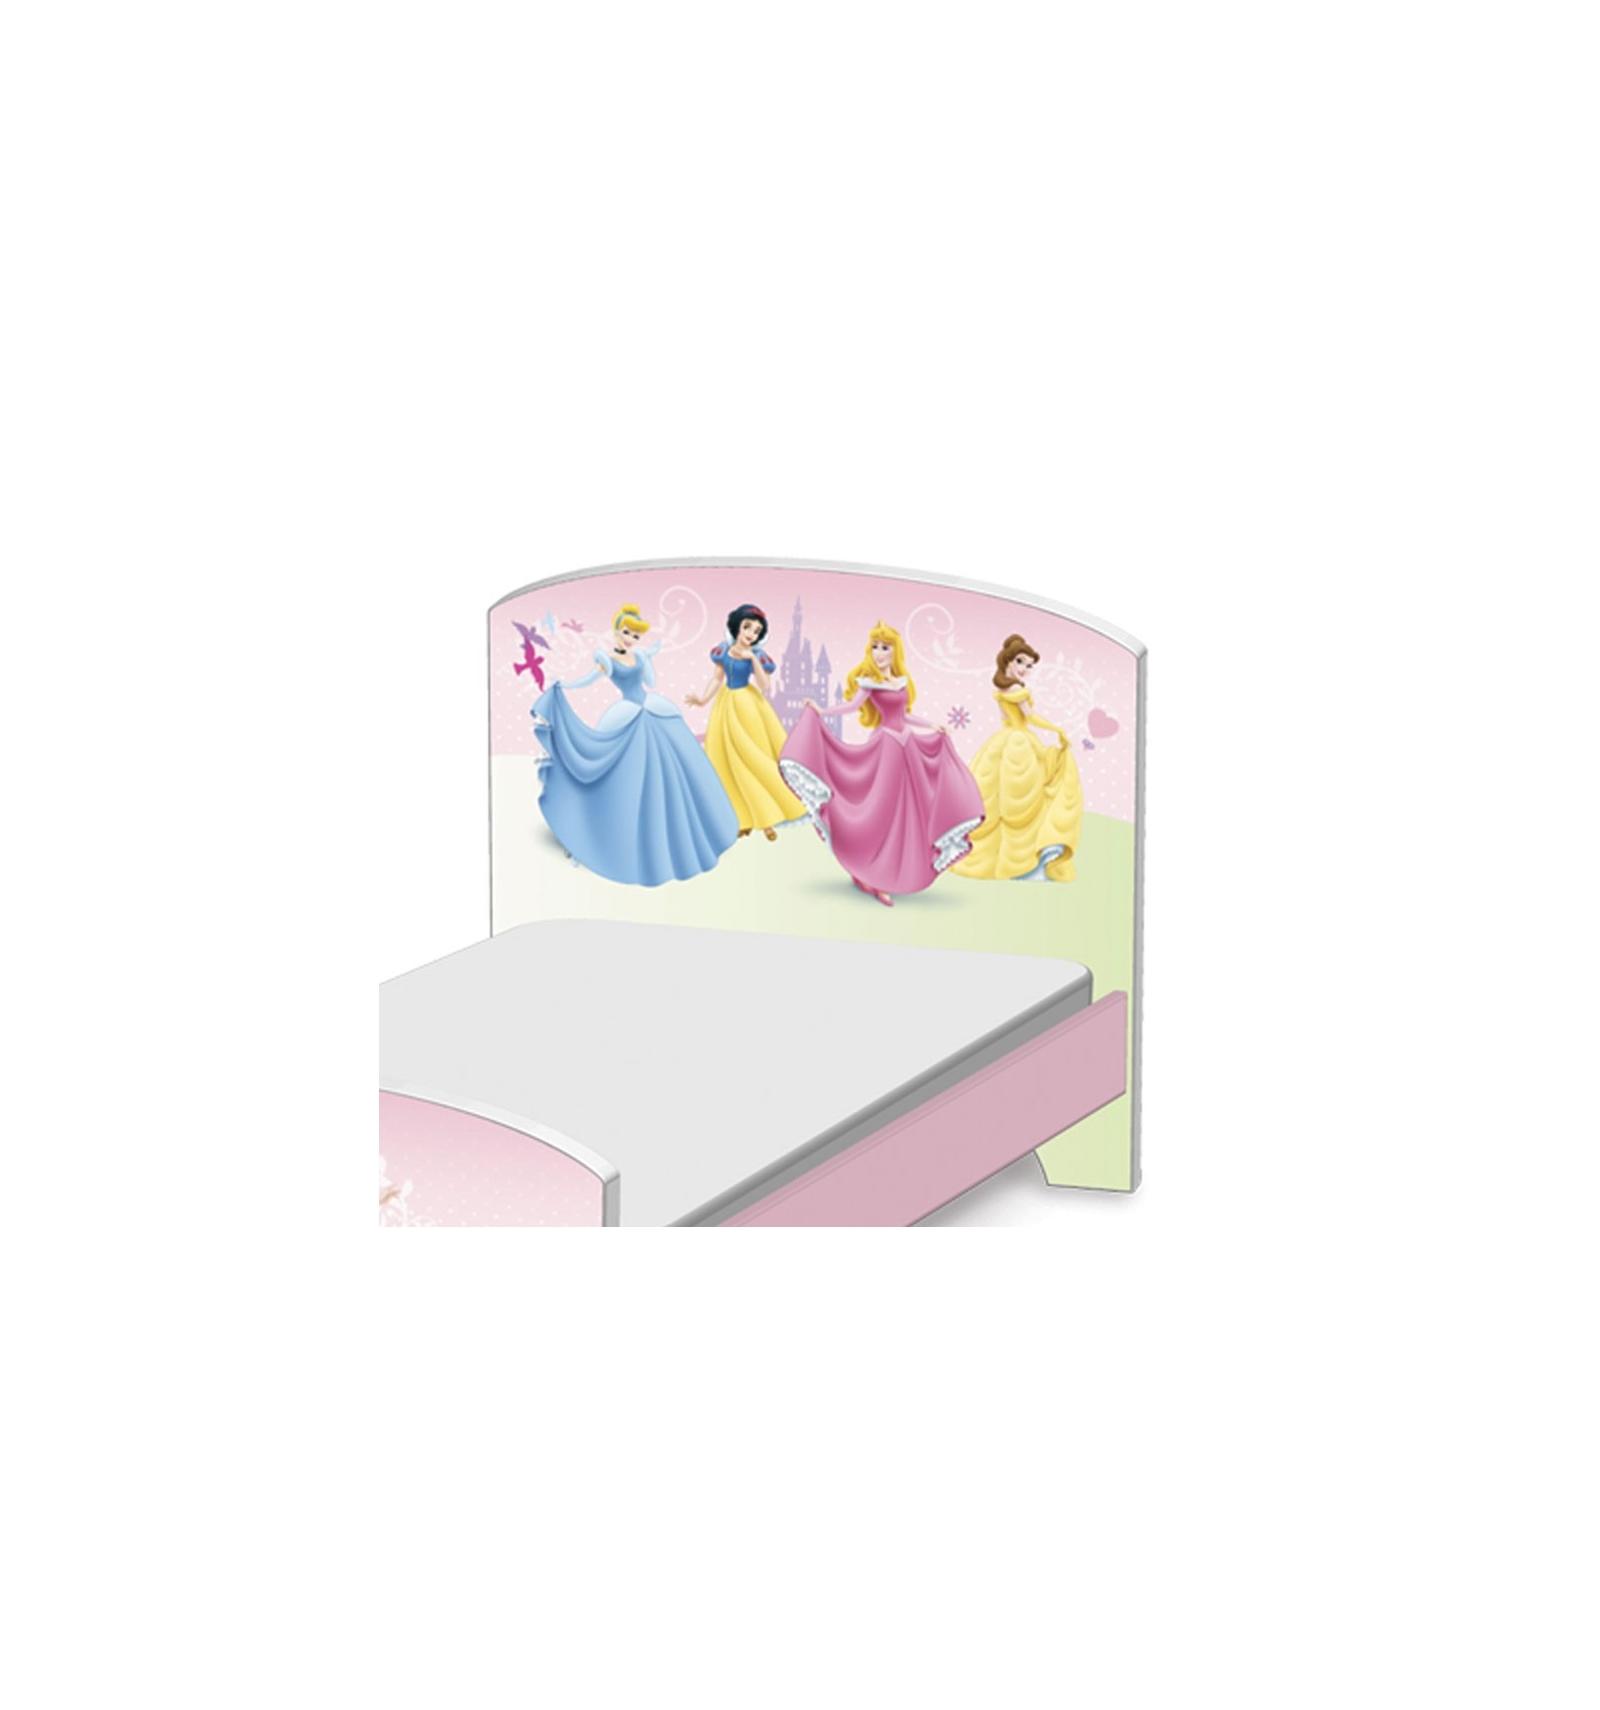 lit disney princesses. Black Bedroom Furniture Sets. Home Design Ideas